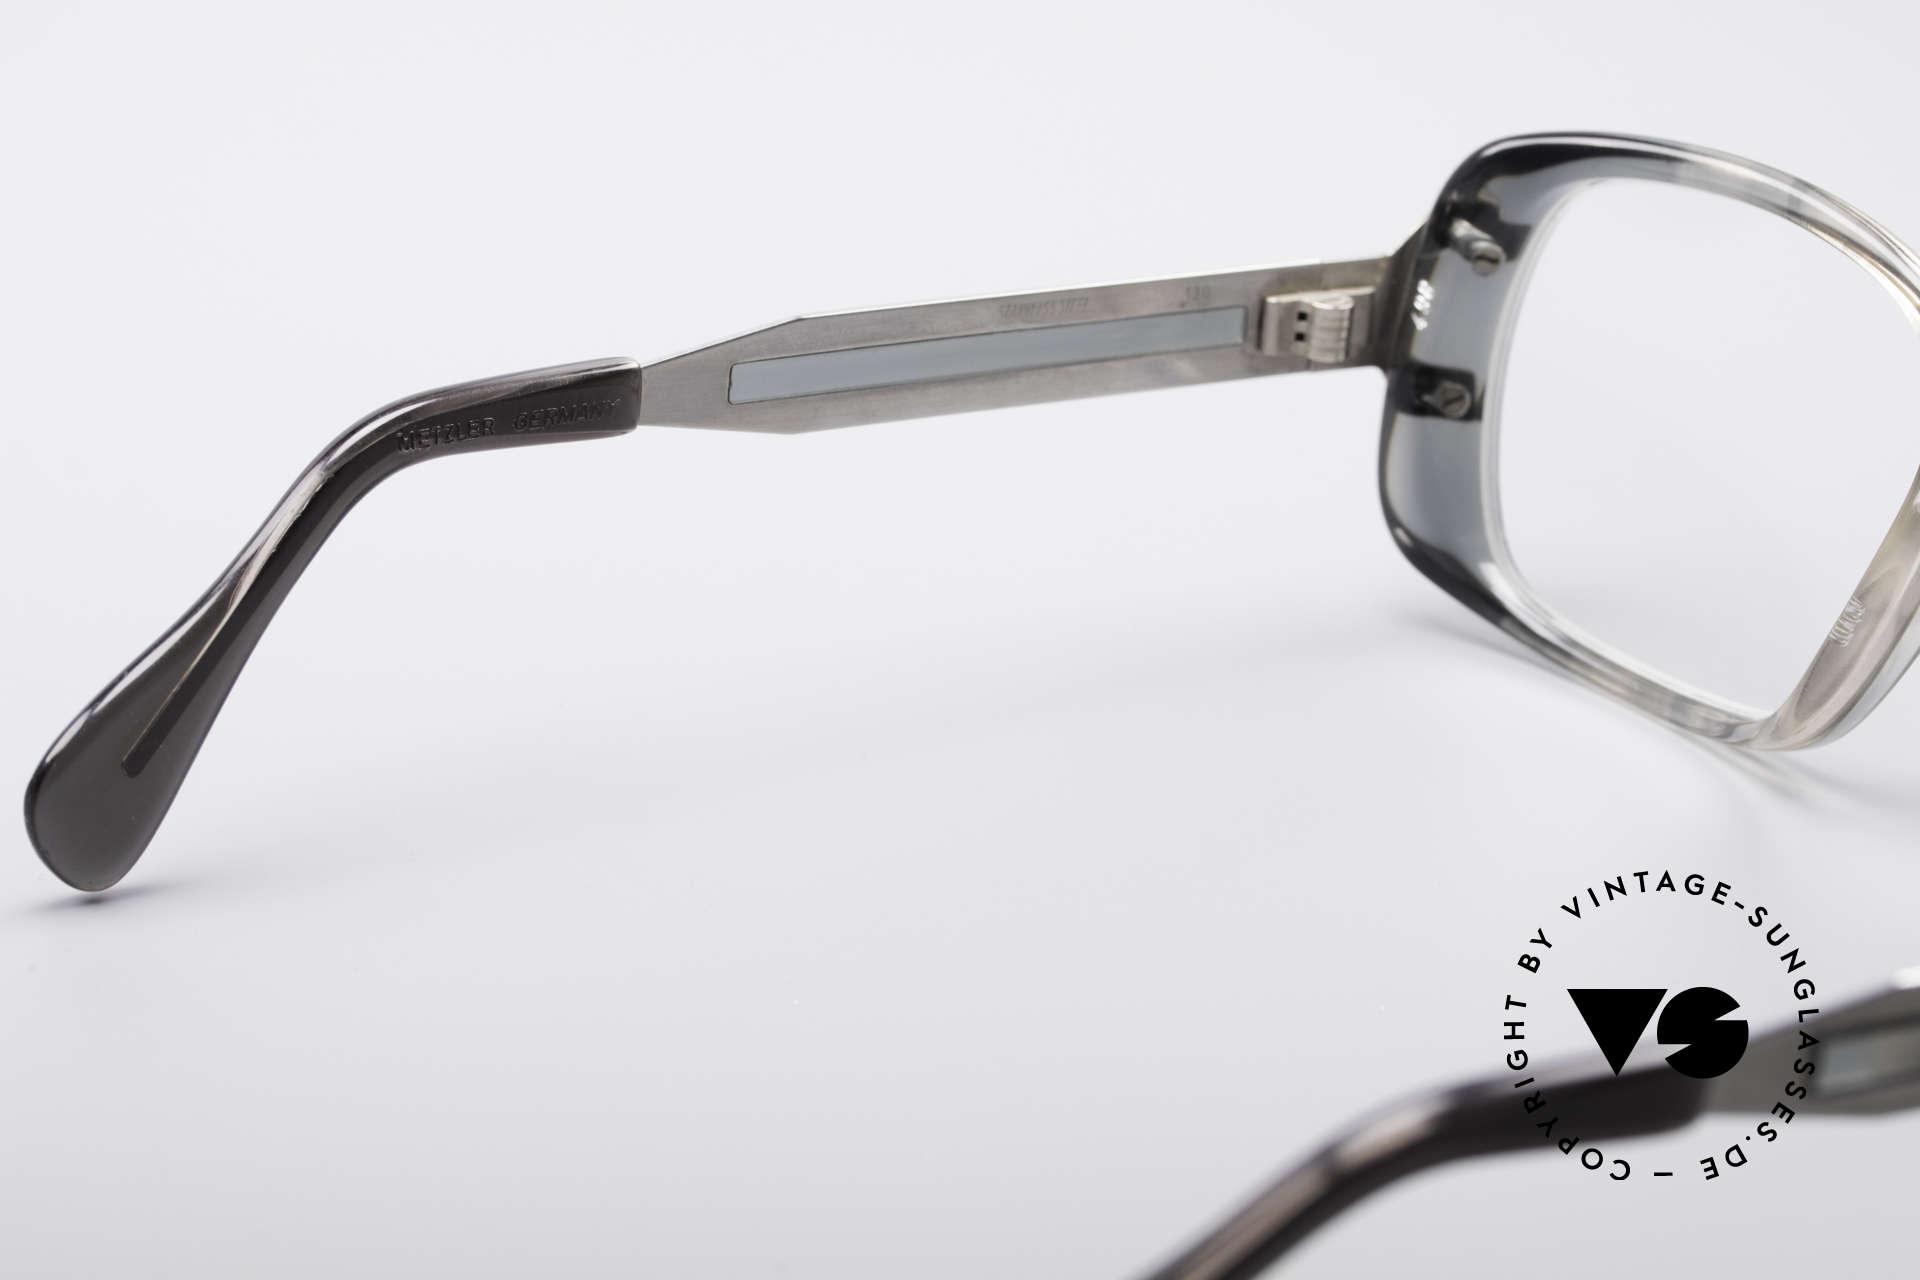 Metzler 4186 Echt 80er Vintage Kombibrille, tolle Material-Kombination aus Kunststoff und Metall, Passend für Herren